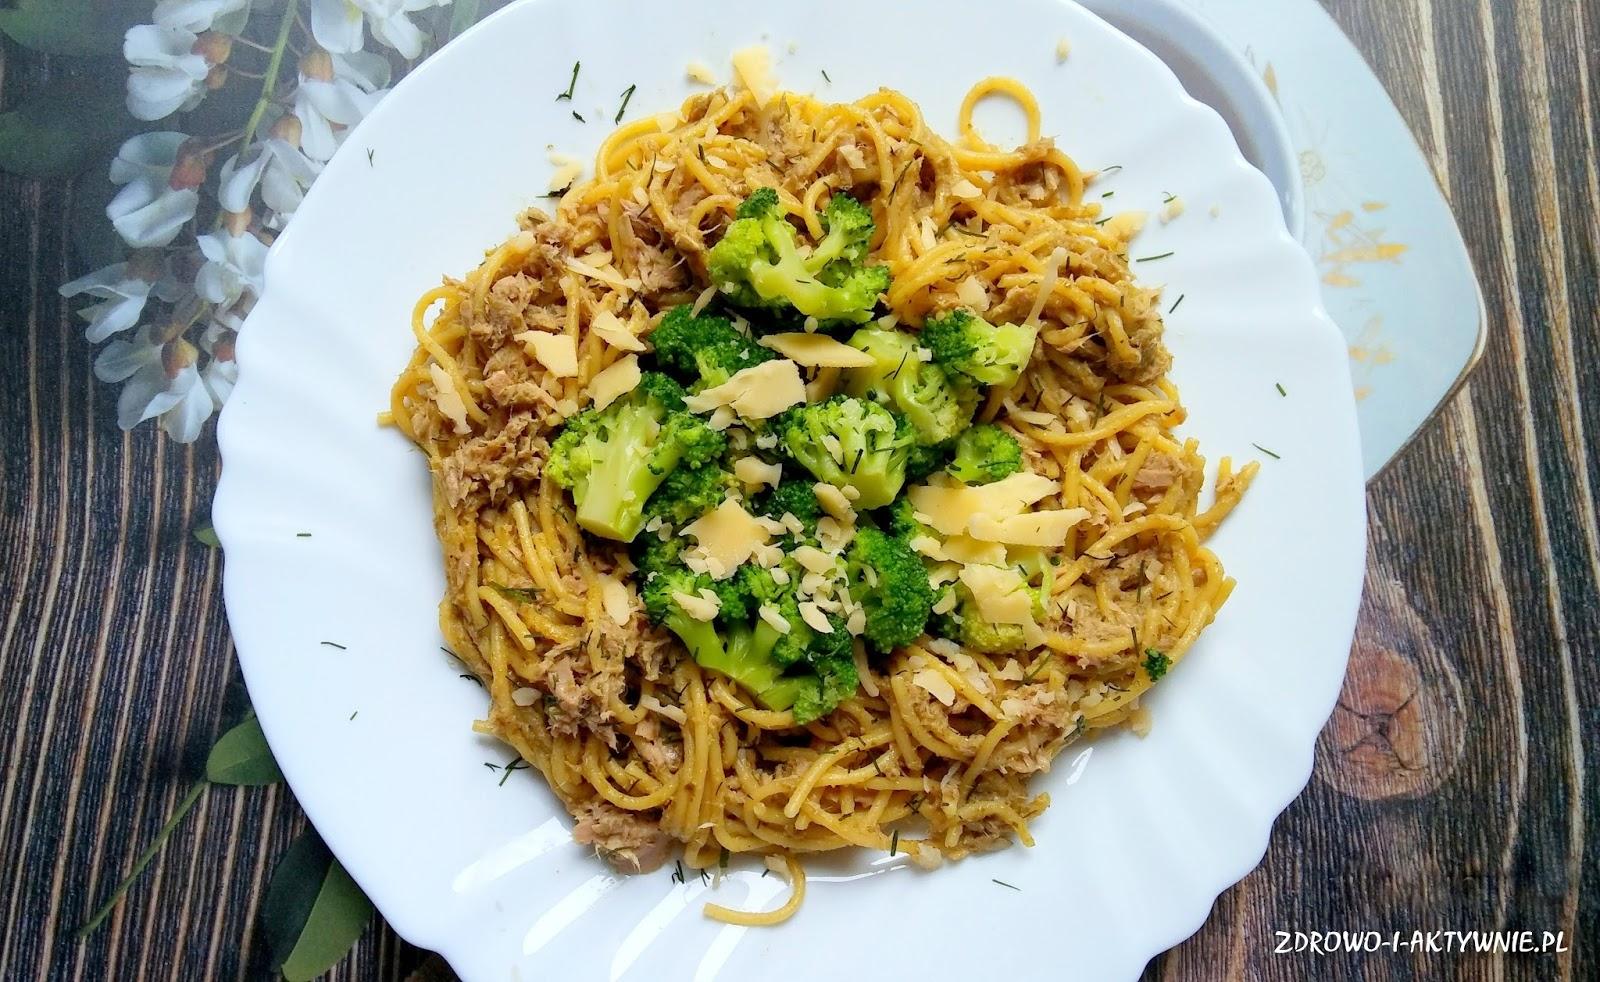 Spaghetti w pesto z tuńczykiem i brokułami